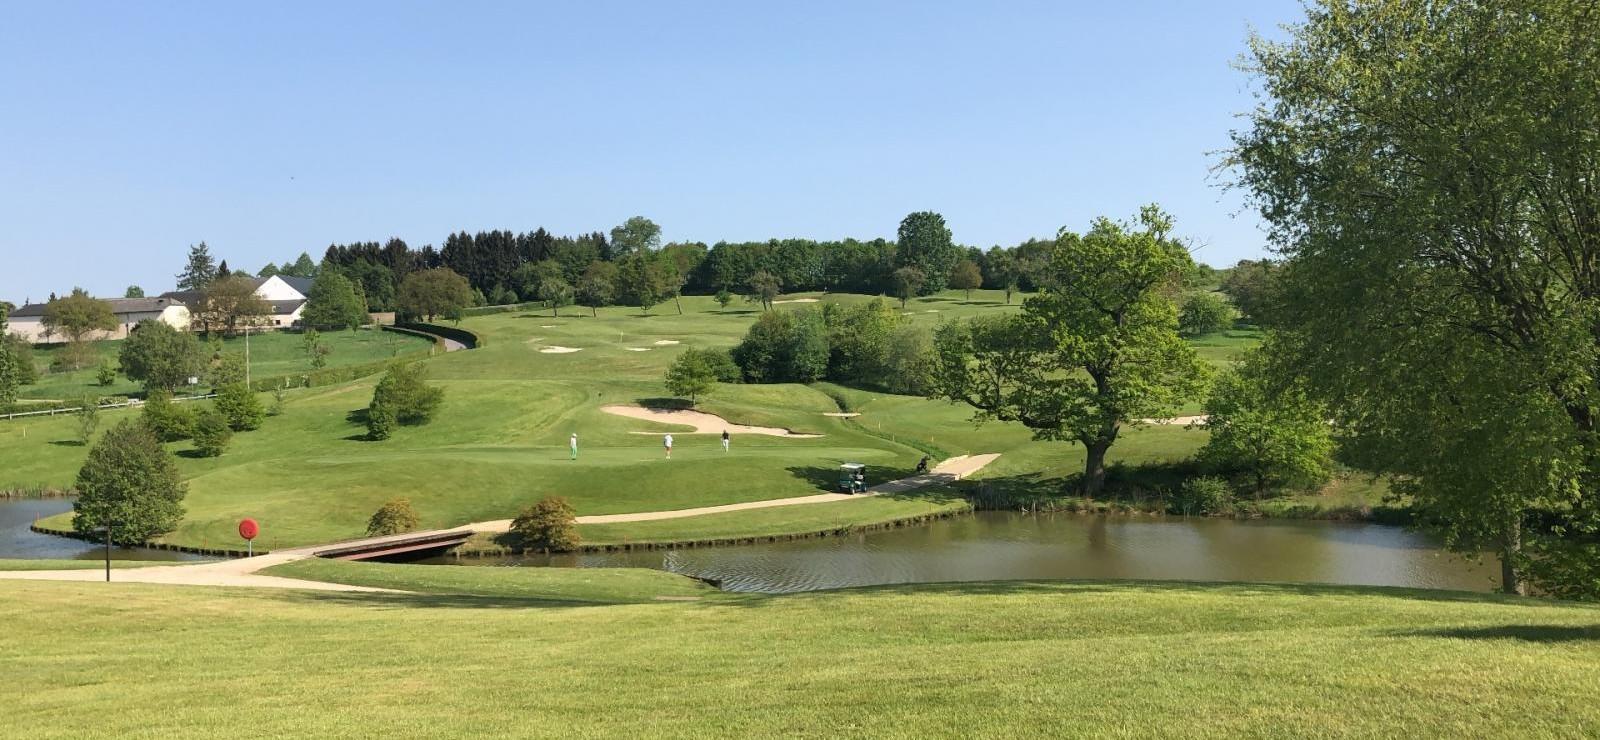 Mercure Luxembourg Kikuoka Golf & Spa Bilder | Bild 1